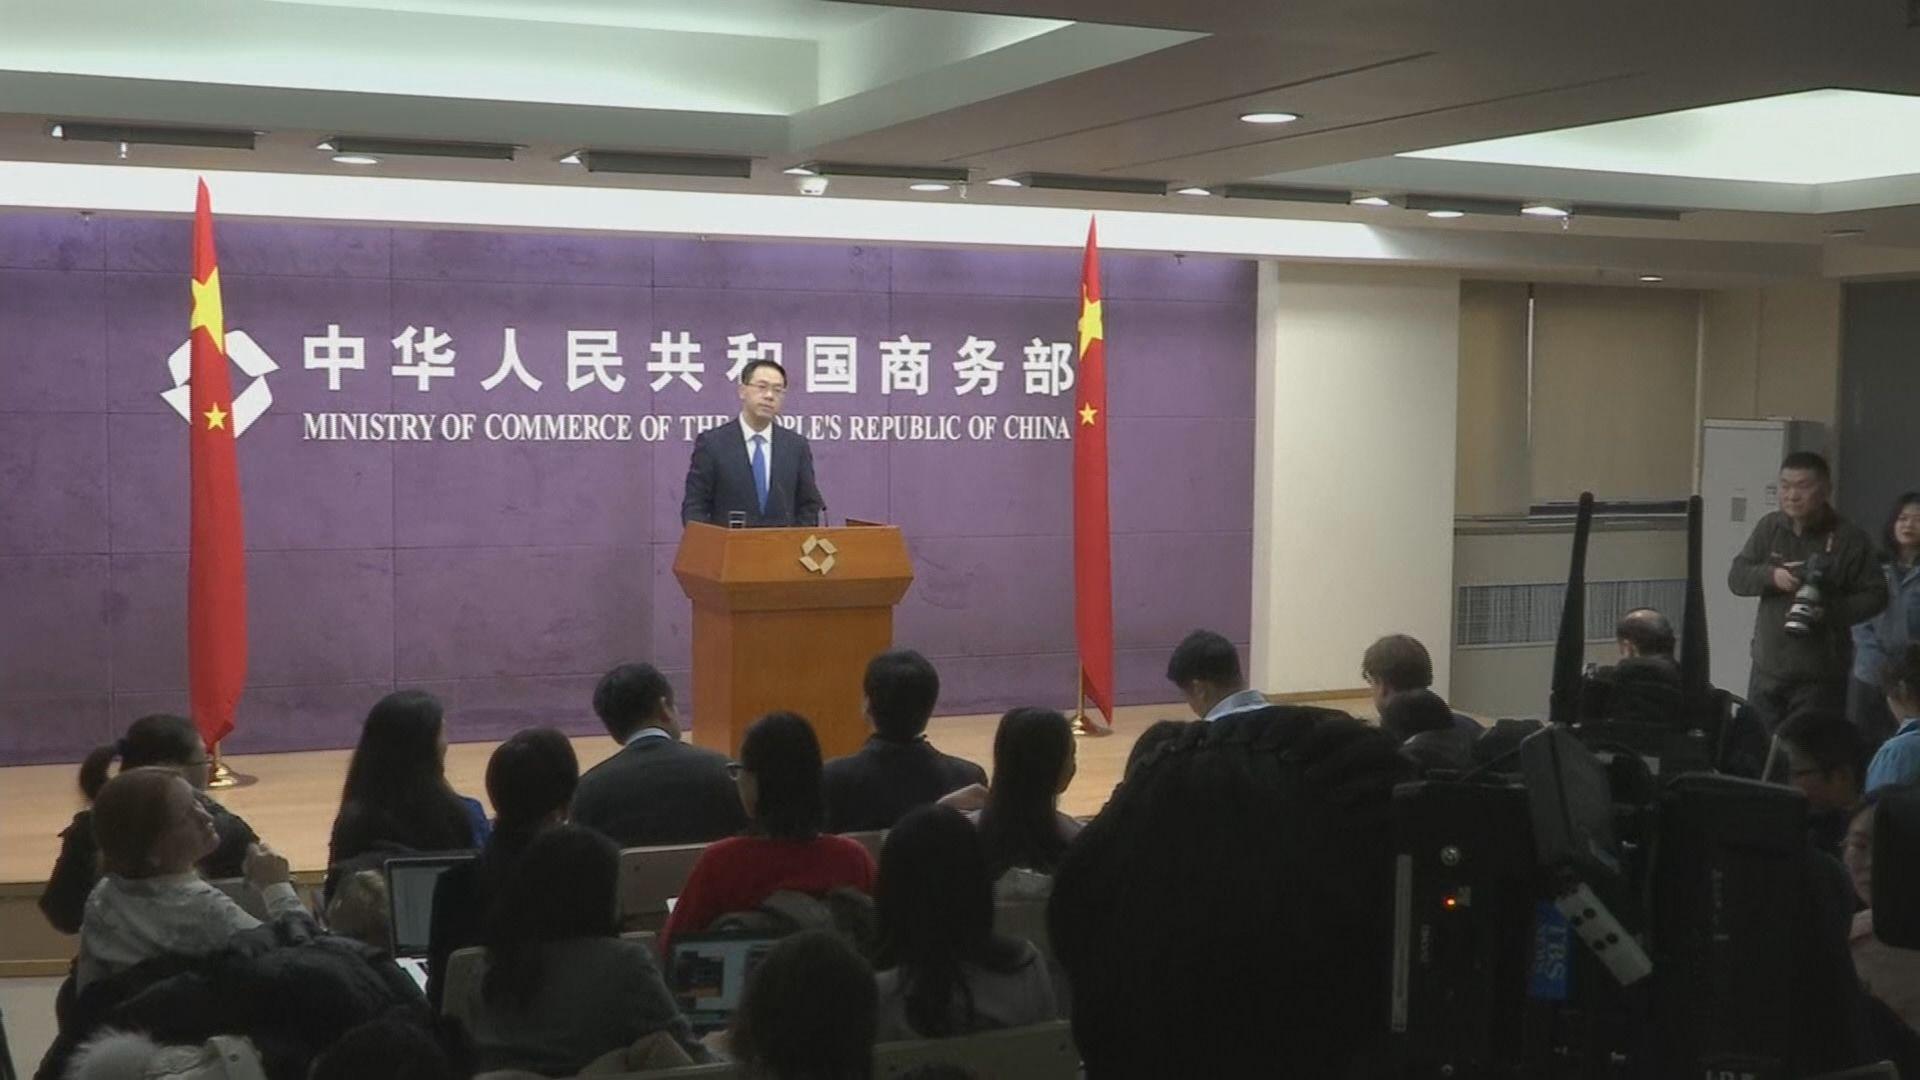 【中美貿易磋商】商務部:延長磋商反映雙方嚴肅認真